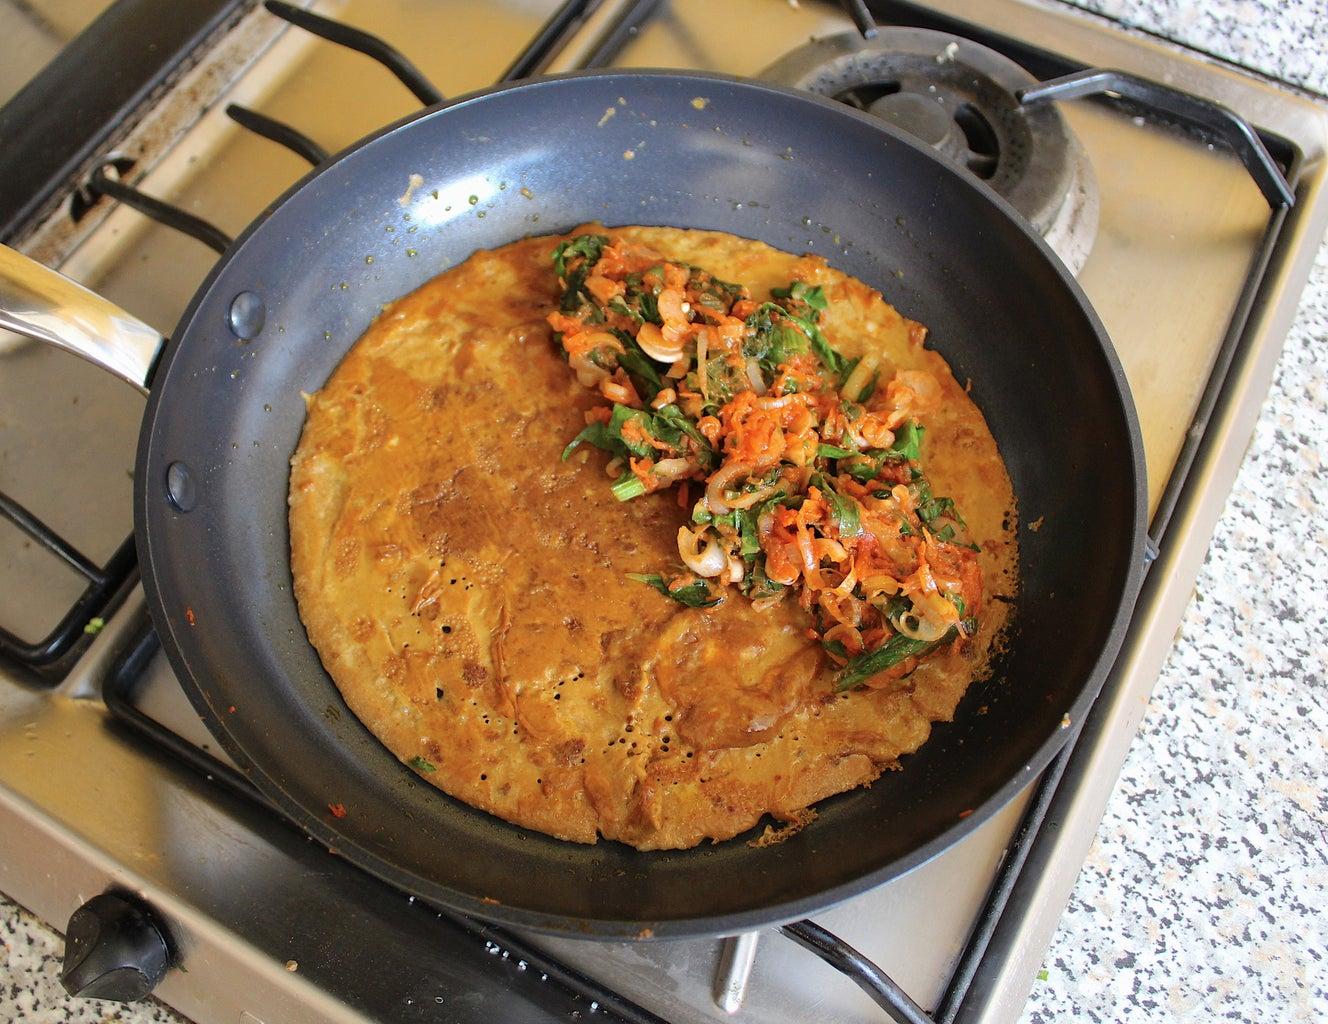 Finish the Omelette